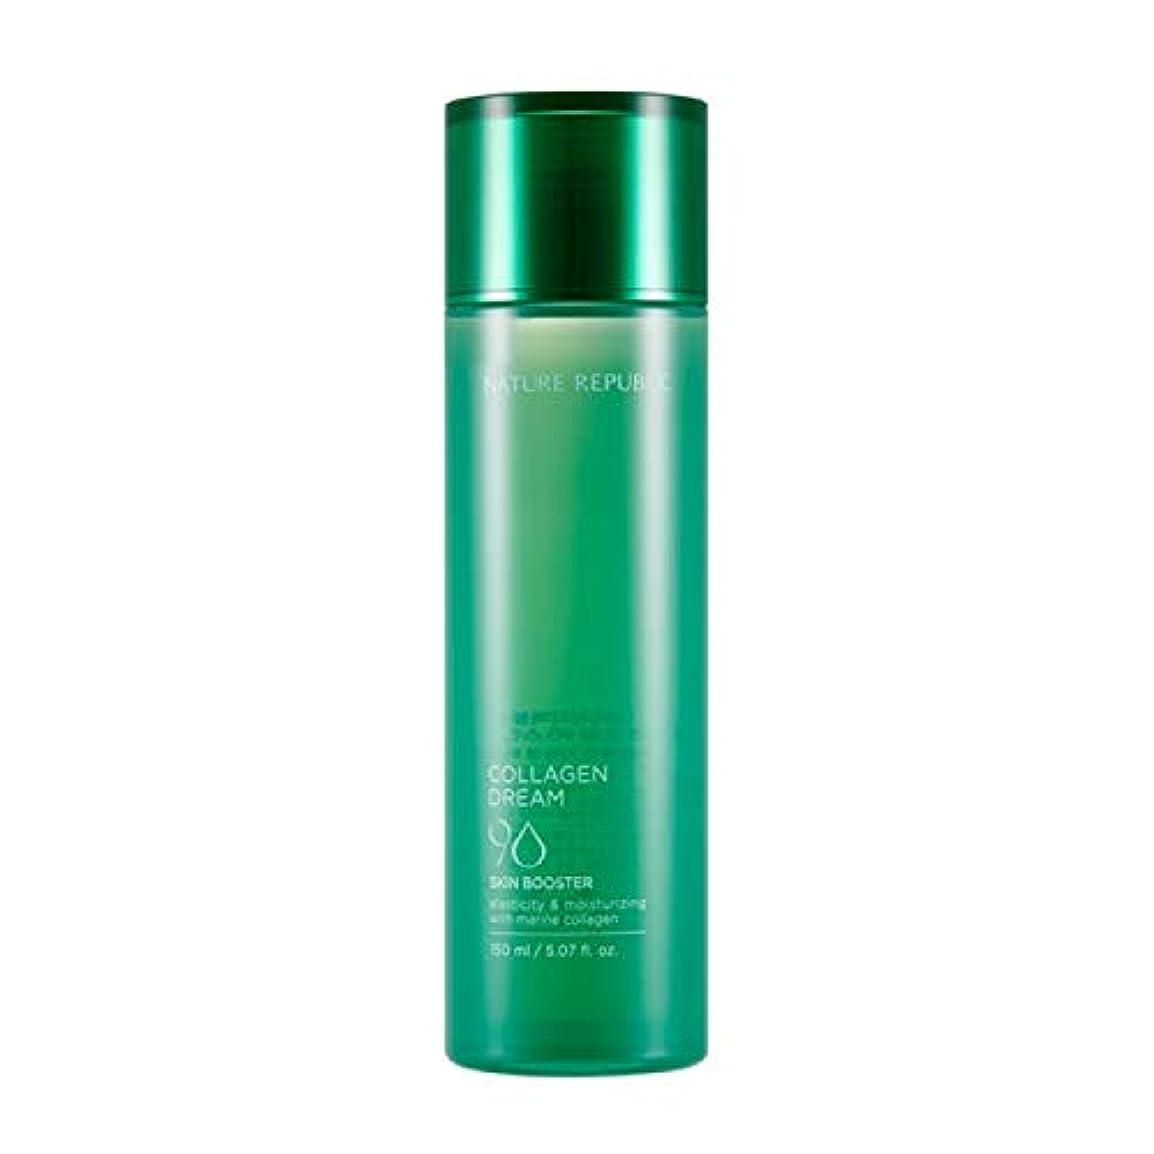 野心創造直面するネイチャーリパブリック(Nature Republic)コラーゲンドリーム90スキンブースター / Collagen Dream 90 Skin Booster 150ml :: 韓国コスメ [並行輸入品]